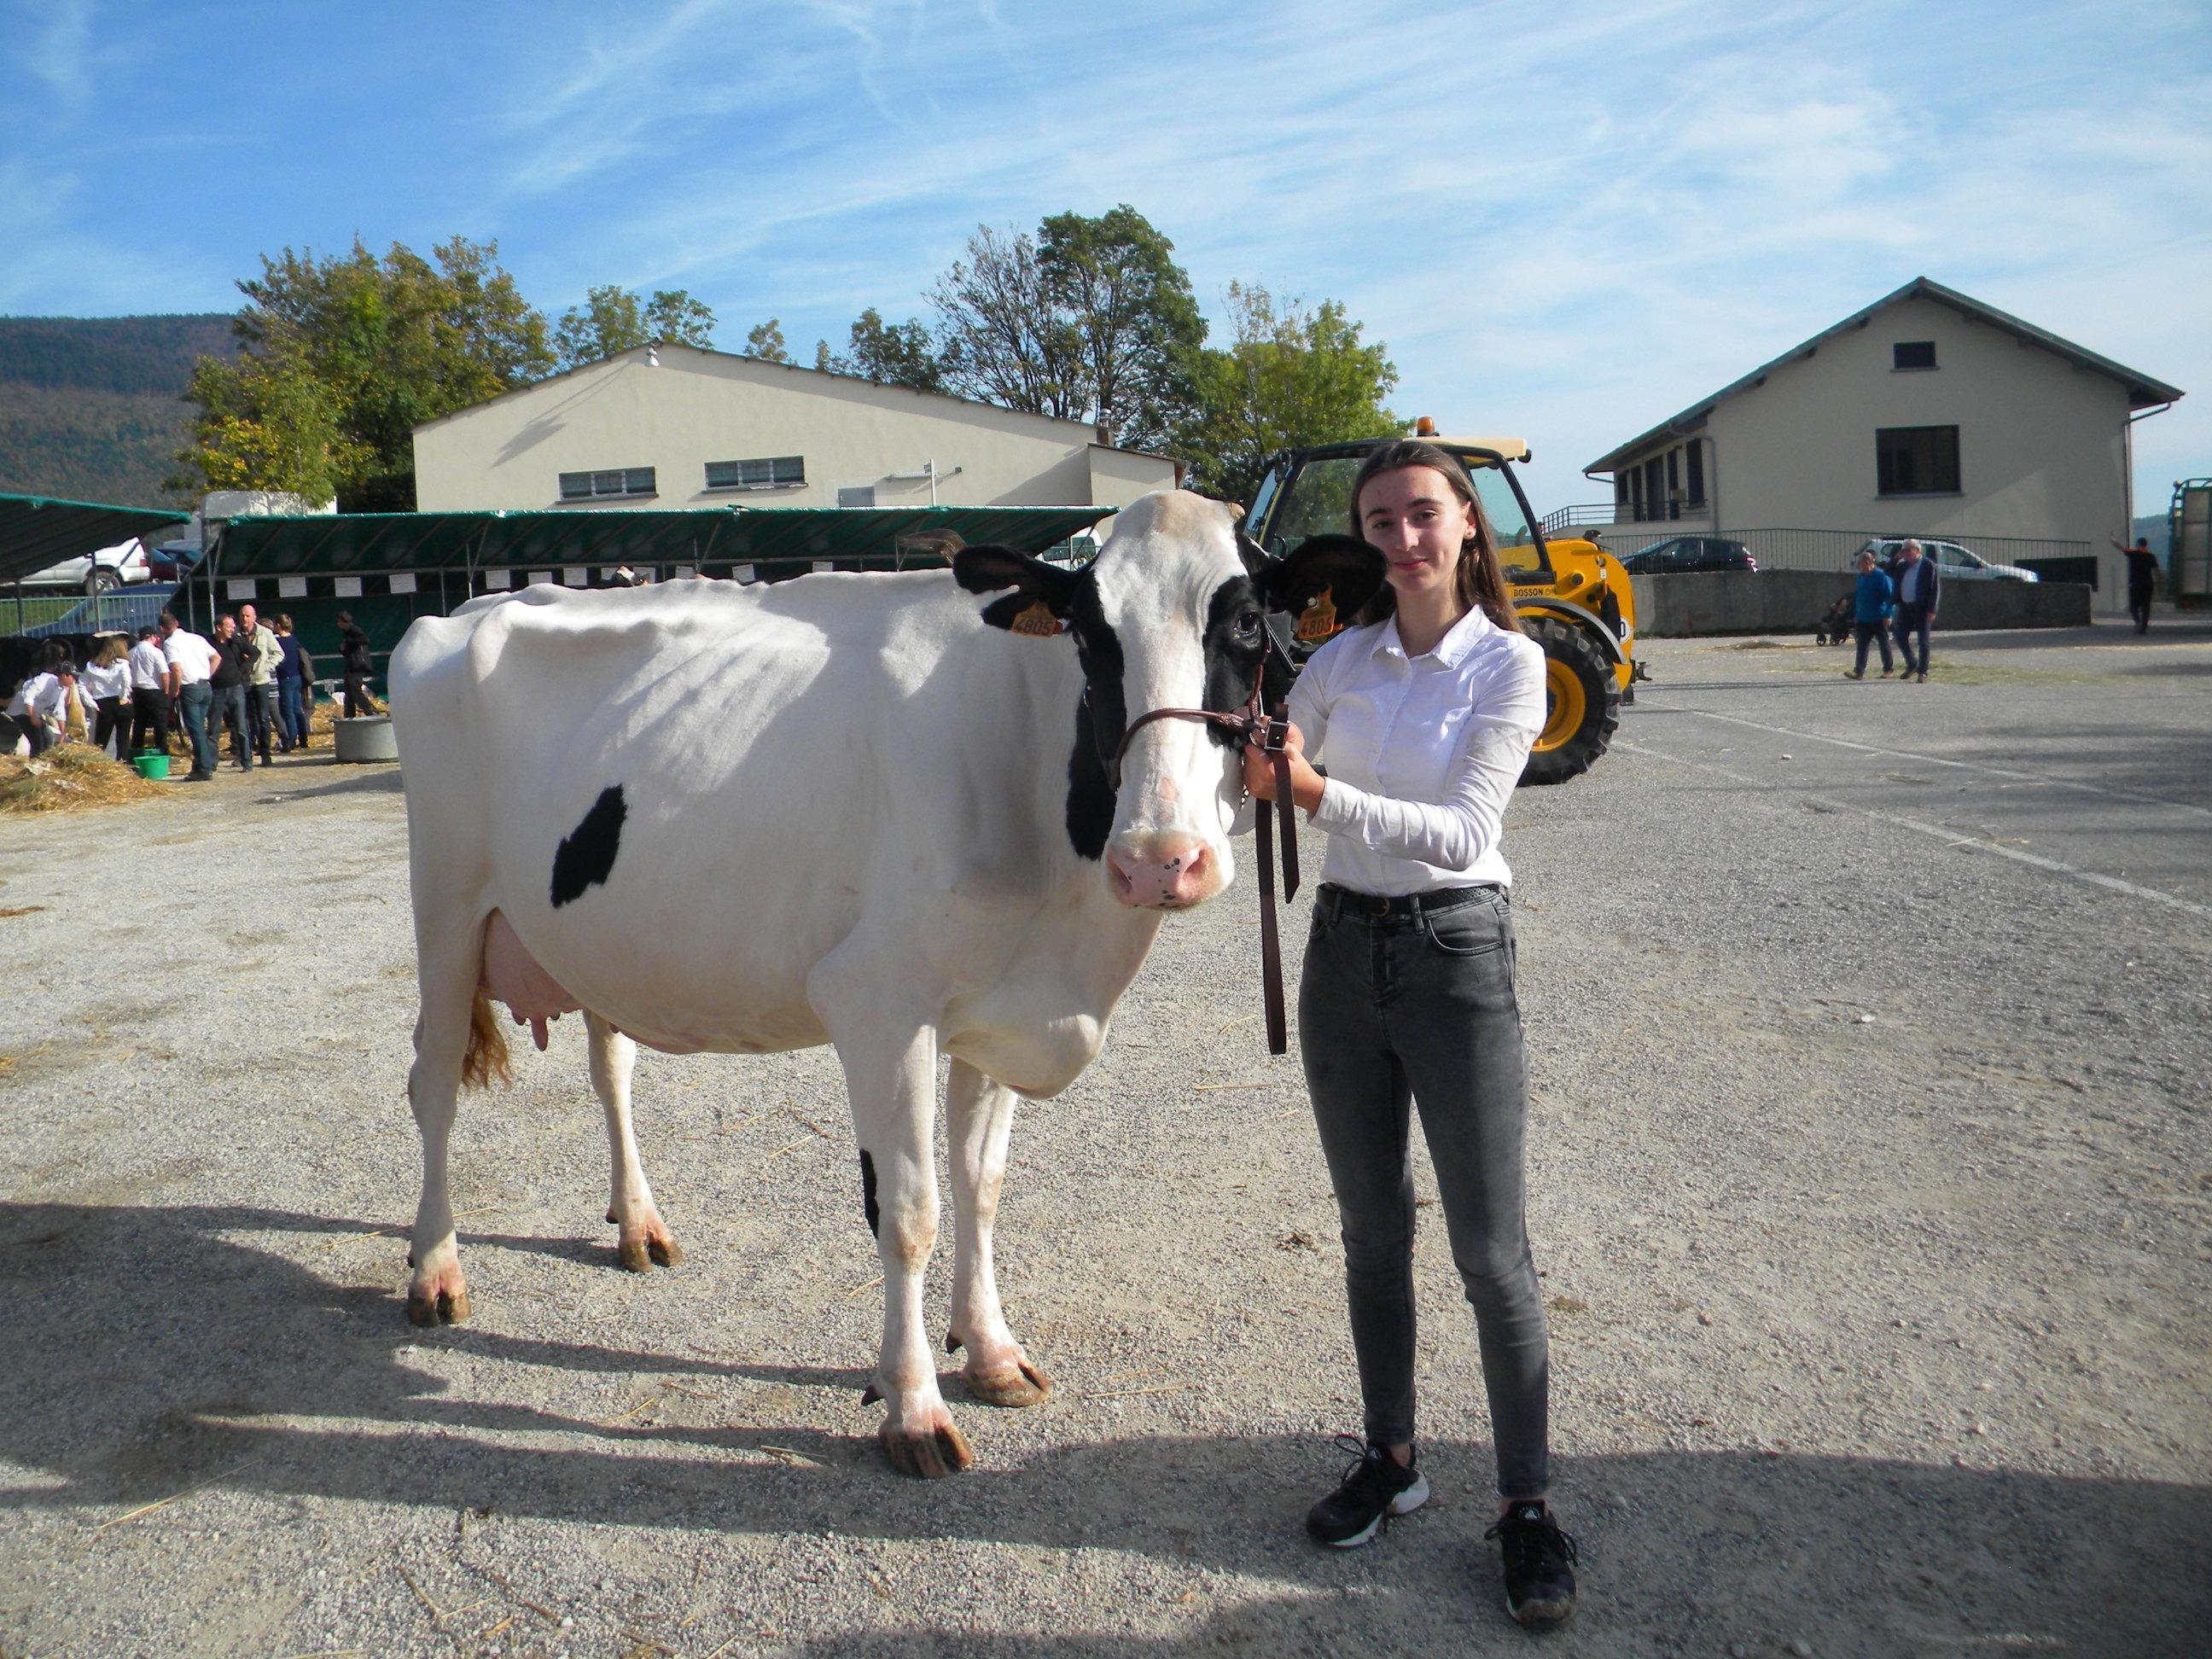 La vache blanche de chez Virginie Bossy à Péron.